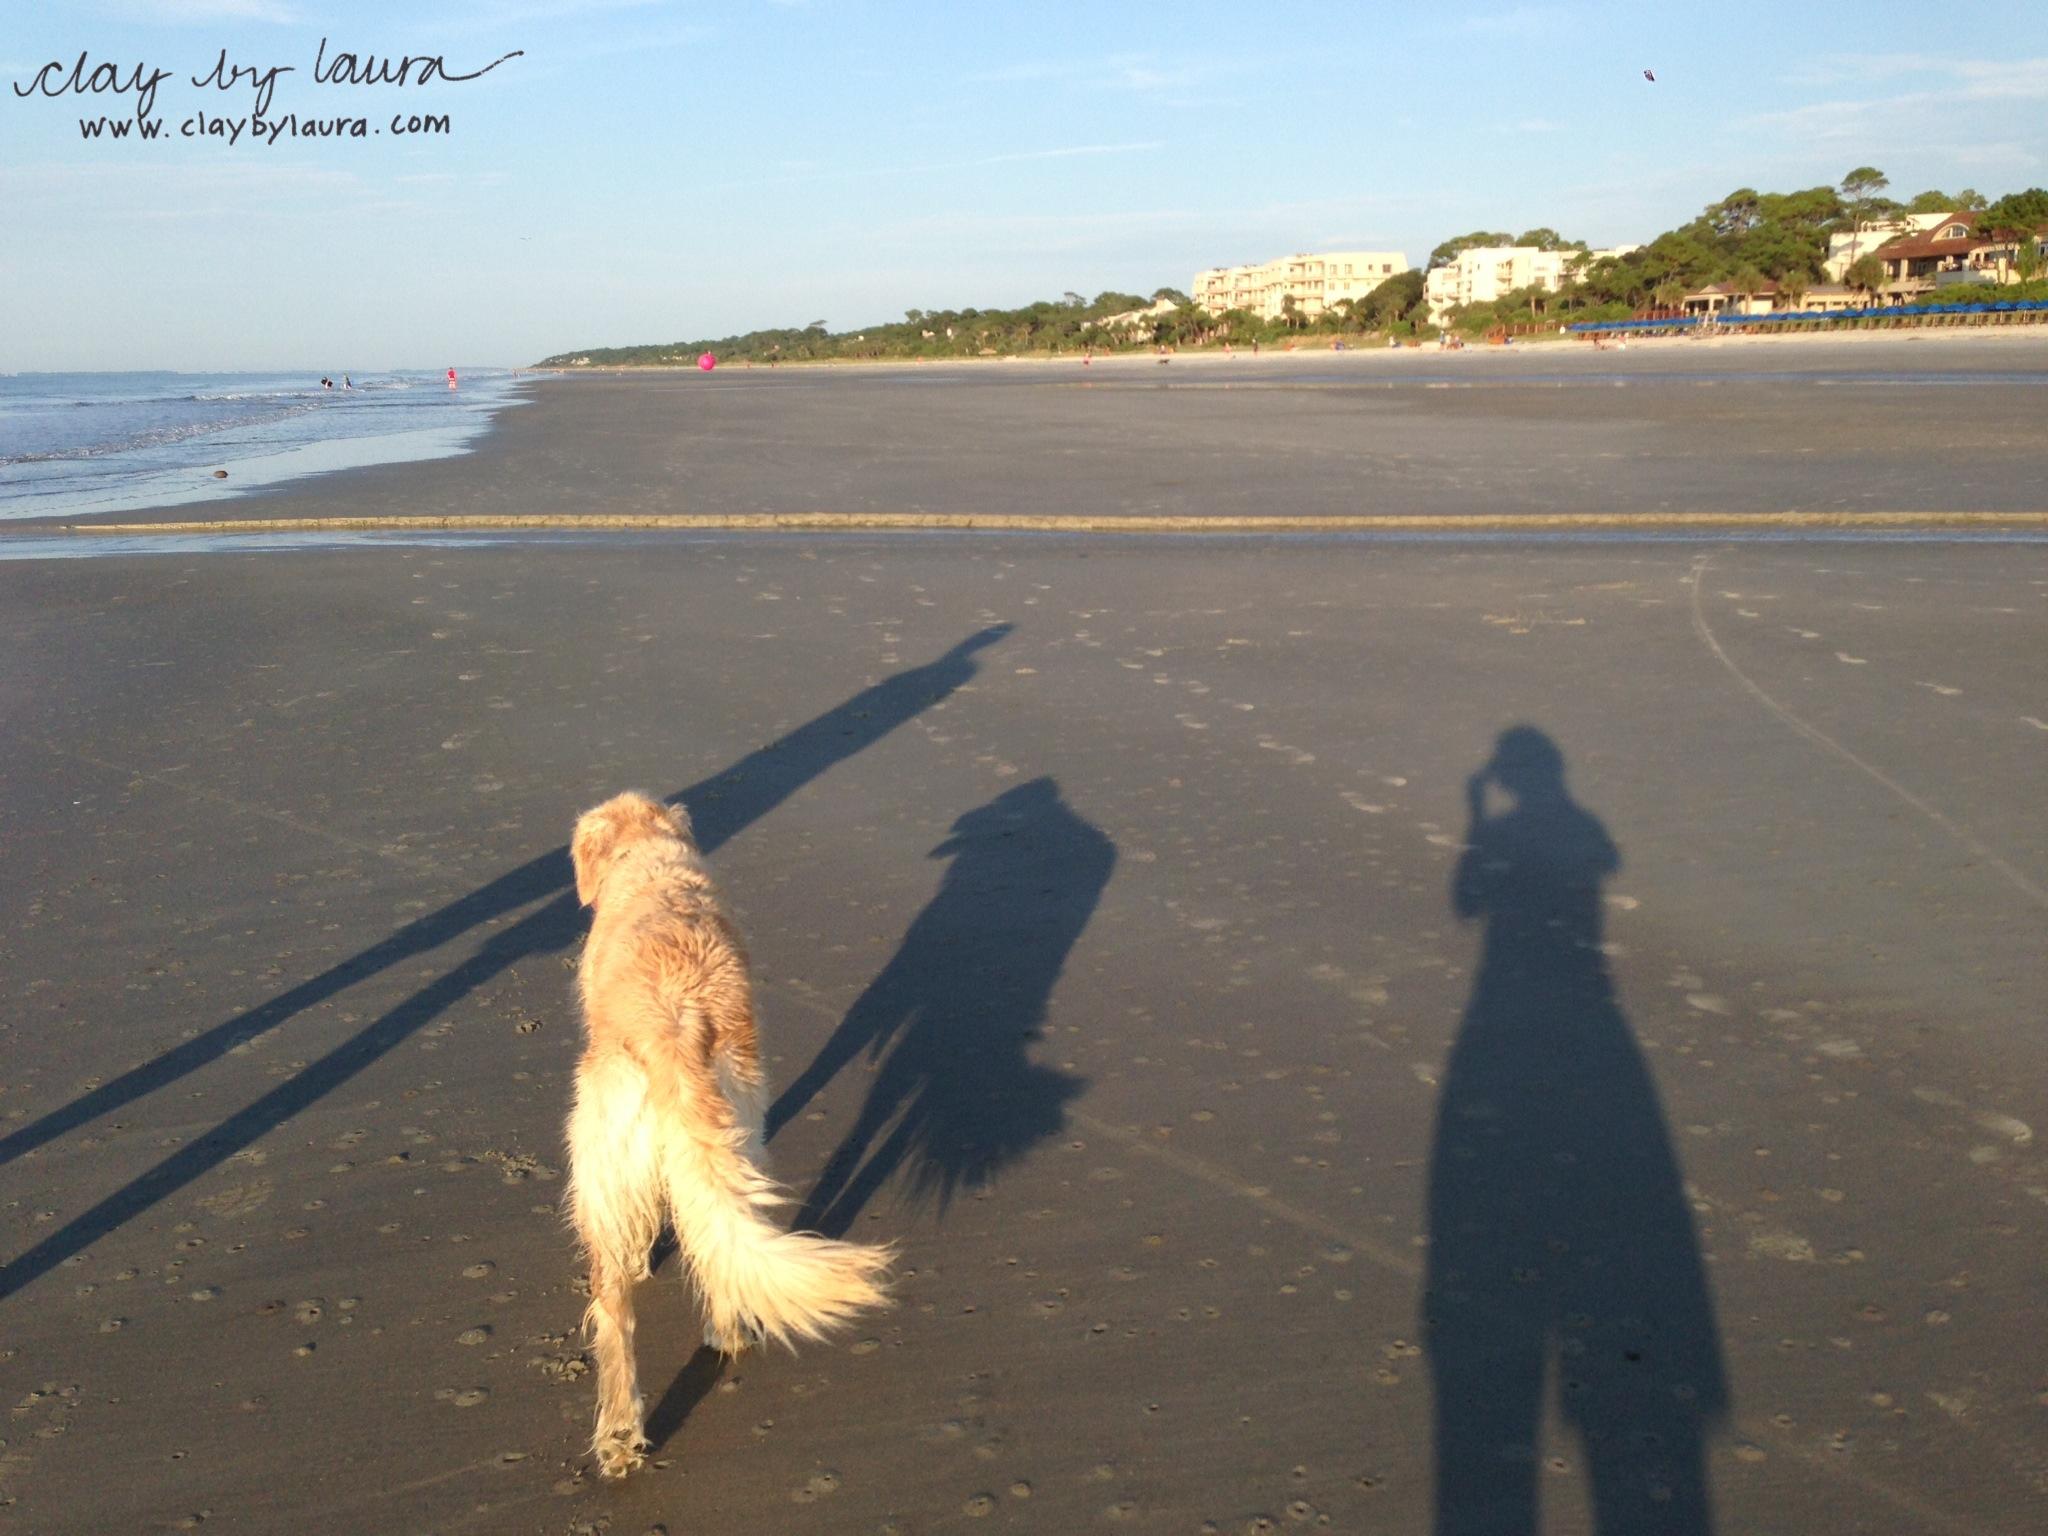 Early morning run, swim, walk!